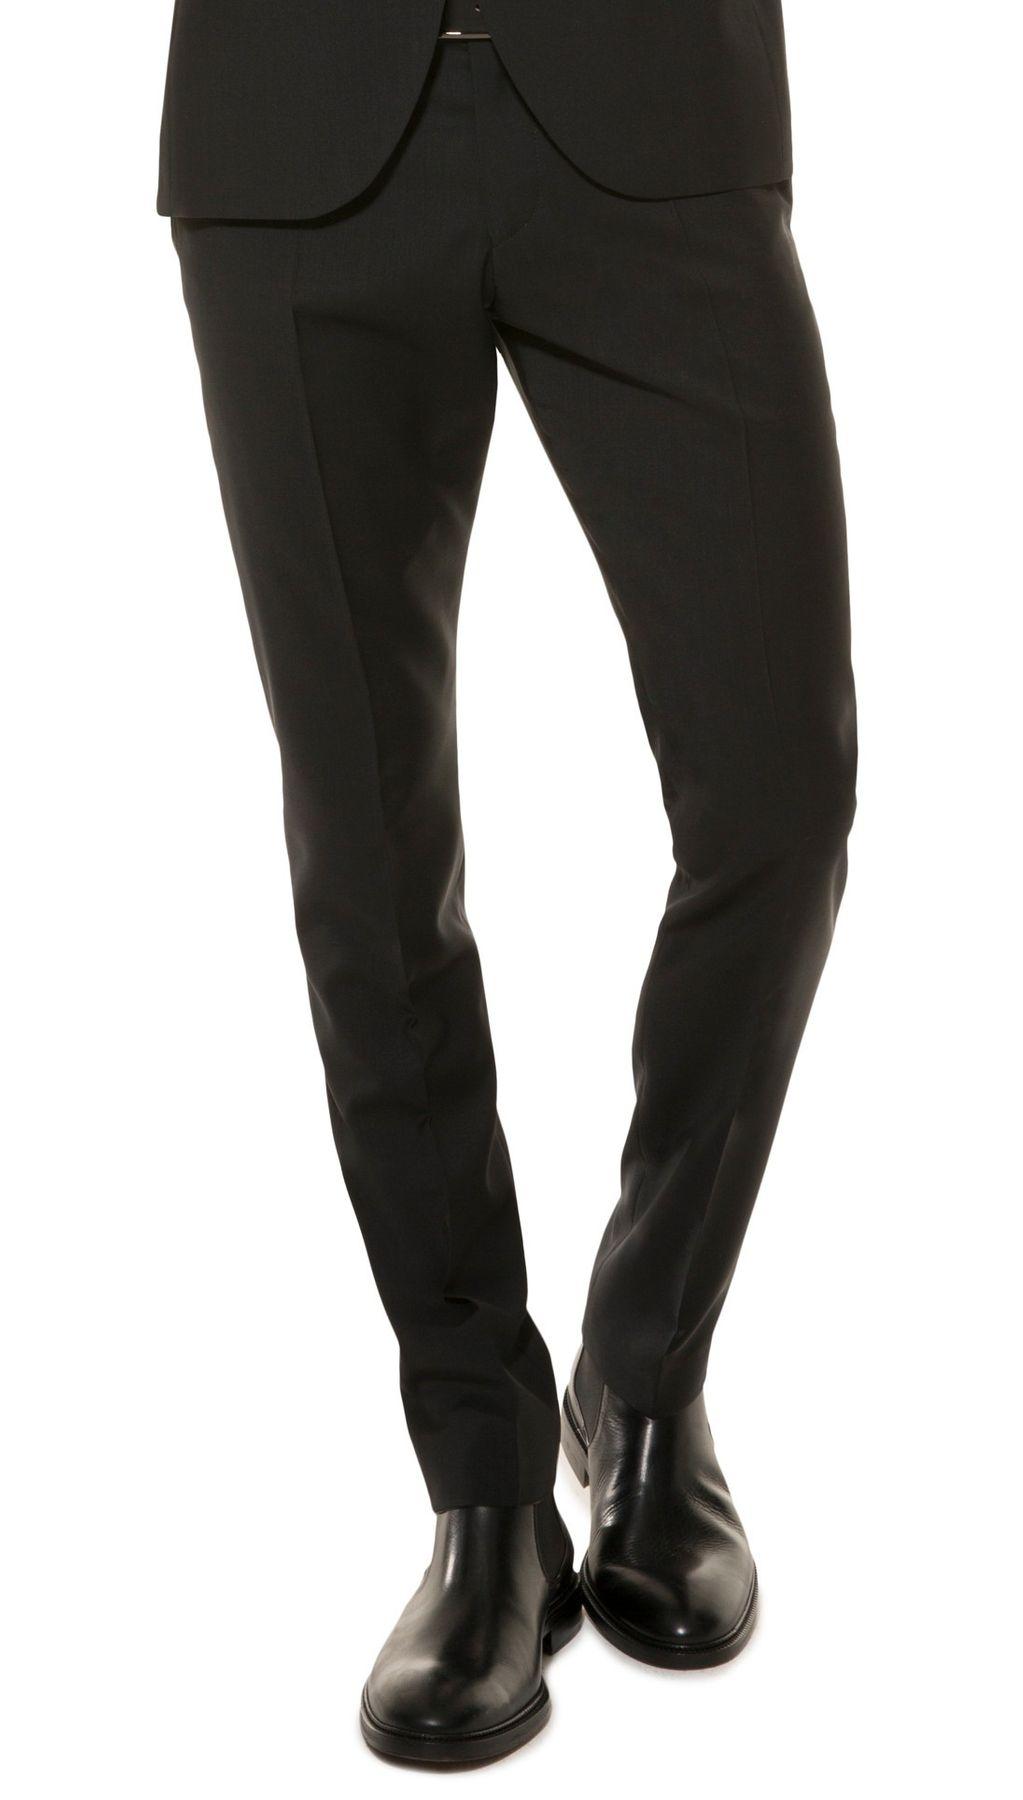 Herren Slim Fit Baukasten Anzughose aus reiner Schurwolle, Marke: Lanificio Tessile d'Oro, Lux (CMP-9999-6730) – Bild 3